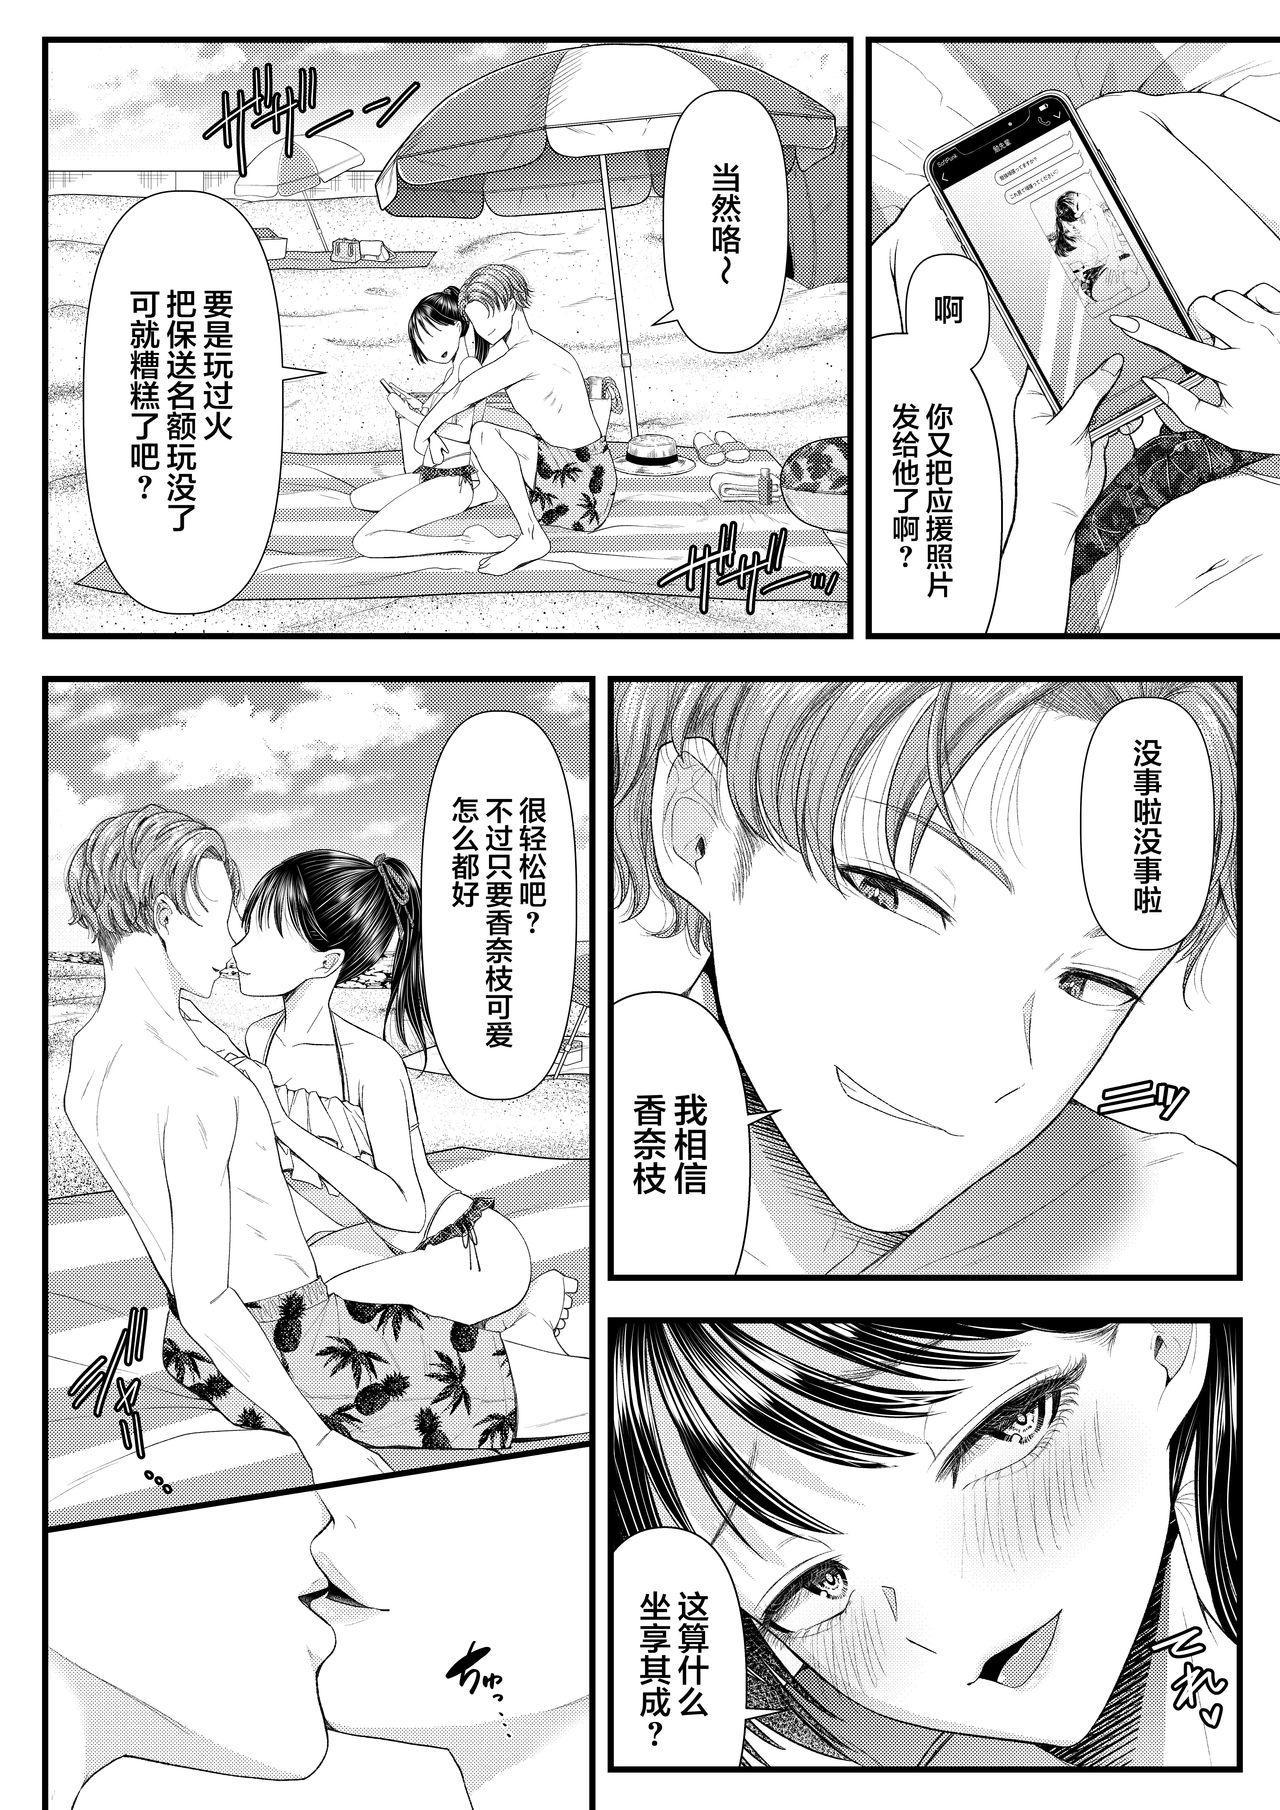 Yuutousei Danshi no Otoshikata 4